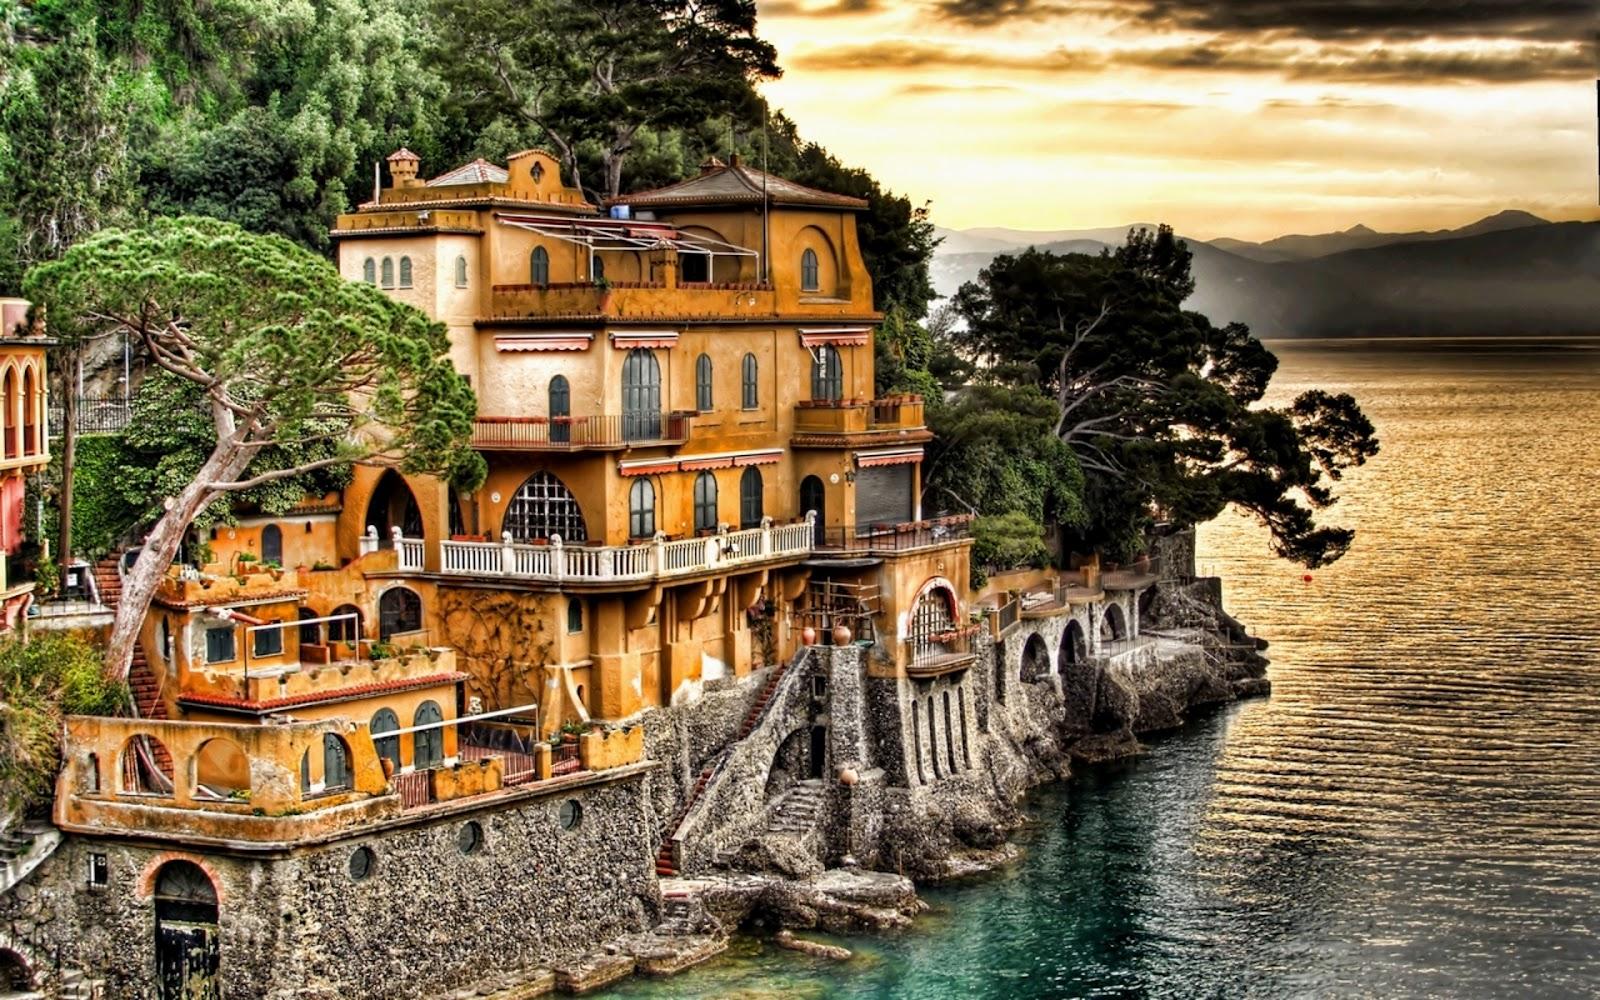 Photo by eleo folcioni in cracco portofino. Porto Di Portofino Carta Da Parati Italia 1600x1000 Wallpapertip